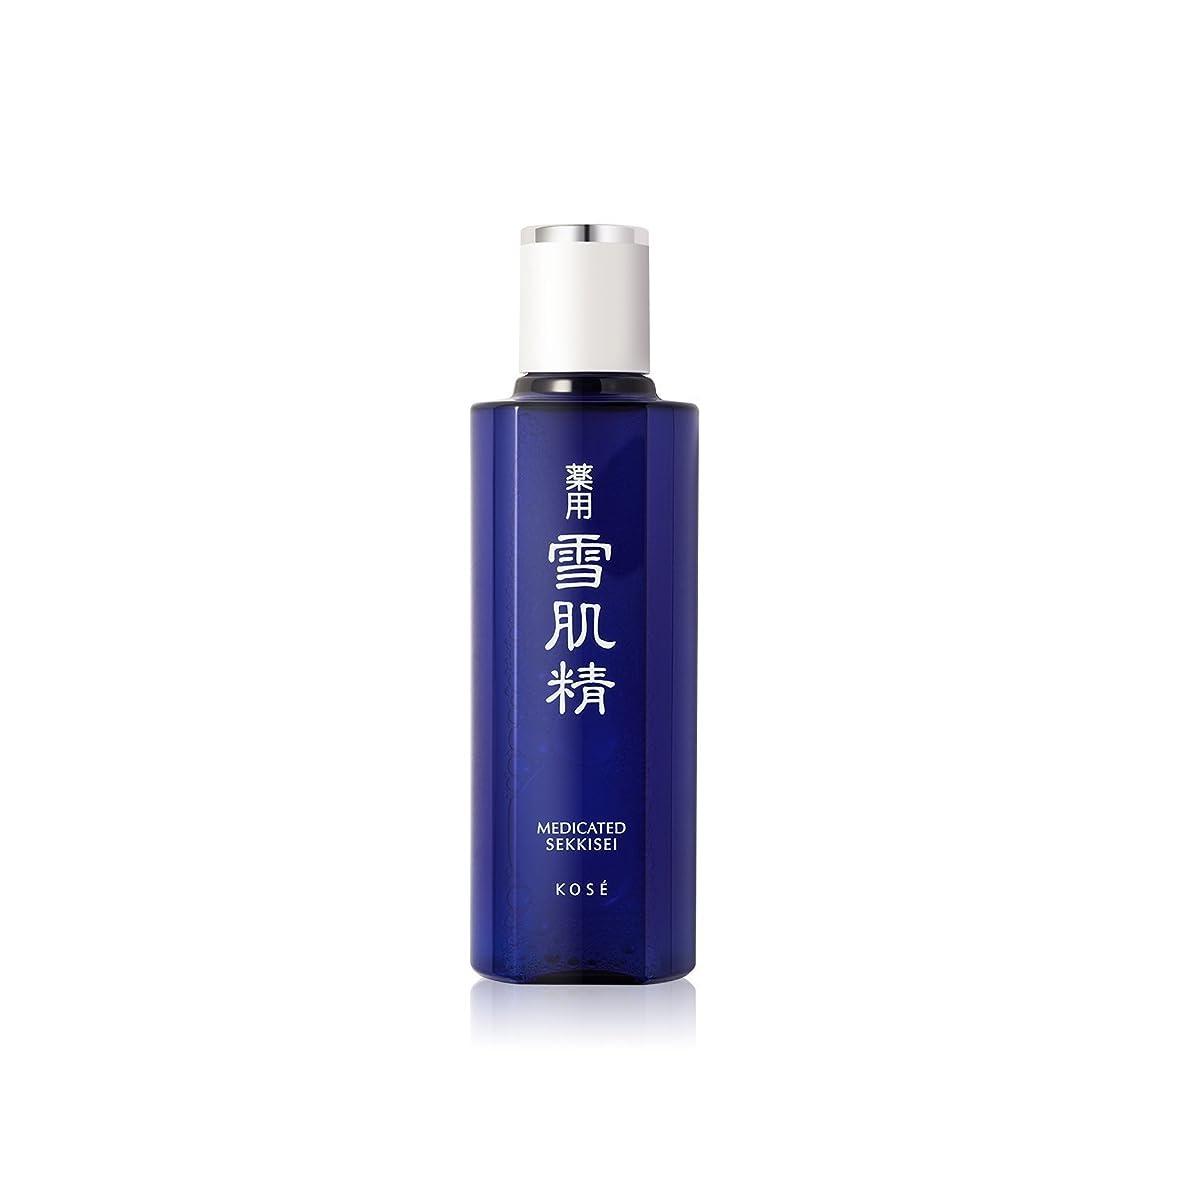 長方形トレーニング貨物雪肌精 化粧水 エンリッチ 200ml [医薬部外品]